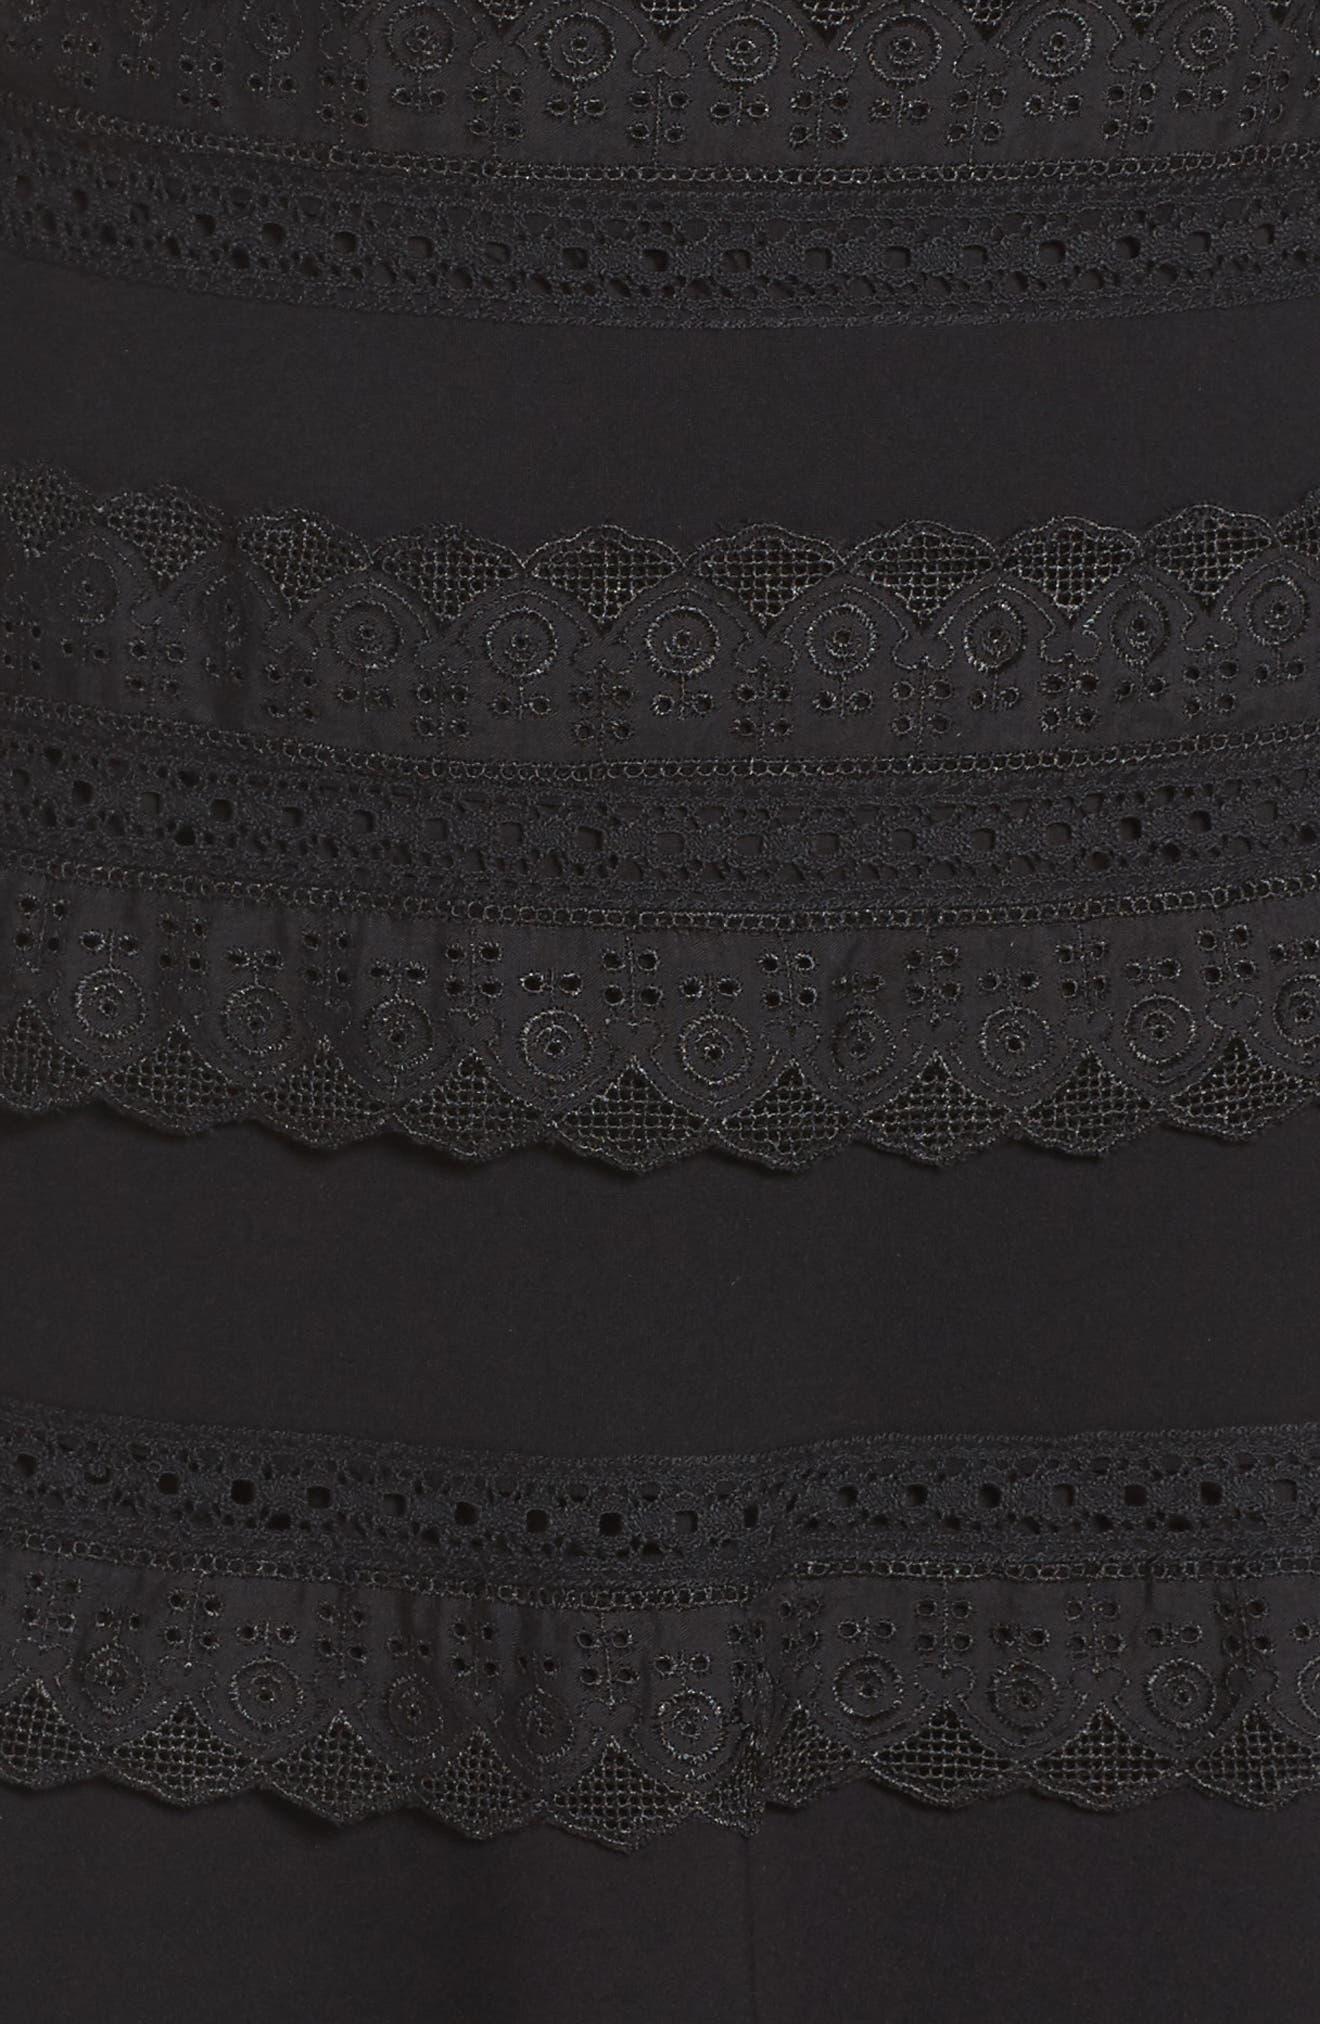 Preslie Double Knit A-Line Dress,                             Alternate thumbnail 5, color,                             Black